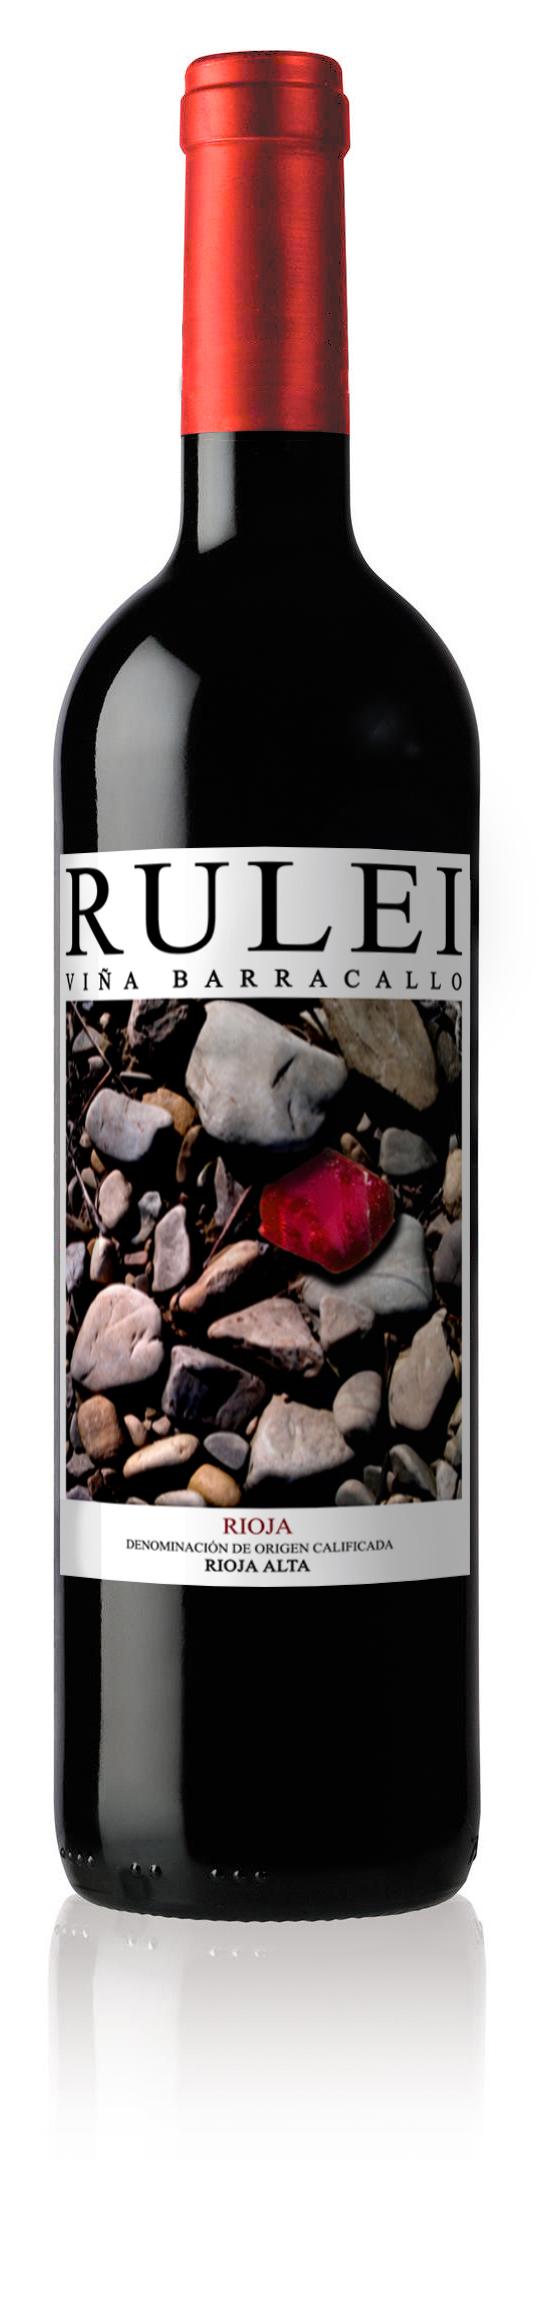 Rulei Viña Barracallo